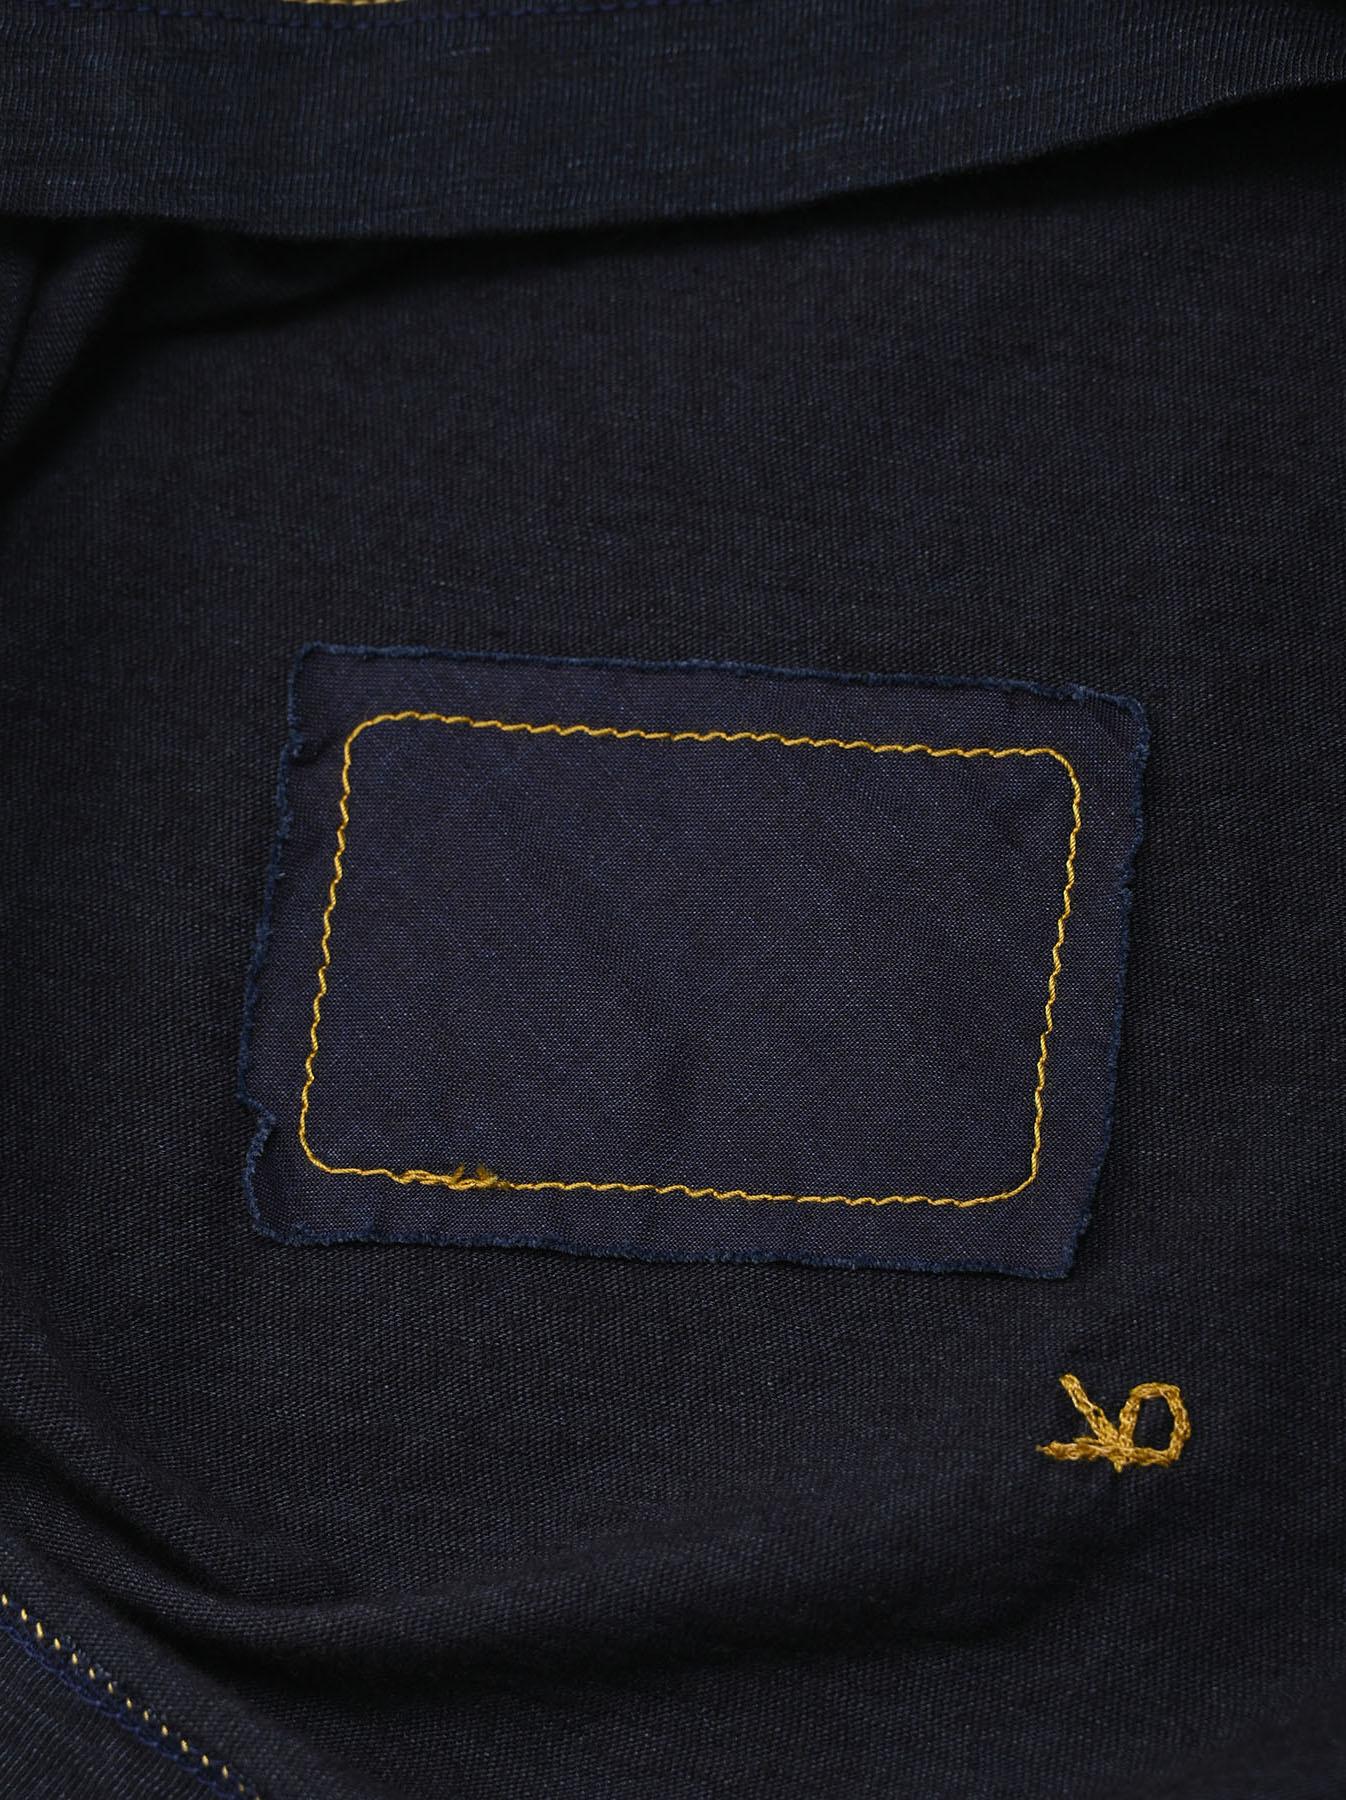 Indigo Sumite de Owl T-shirt-11